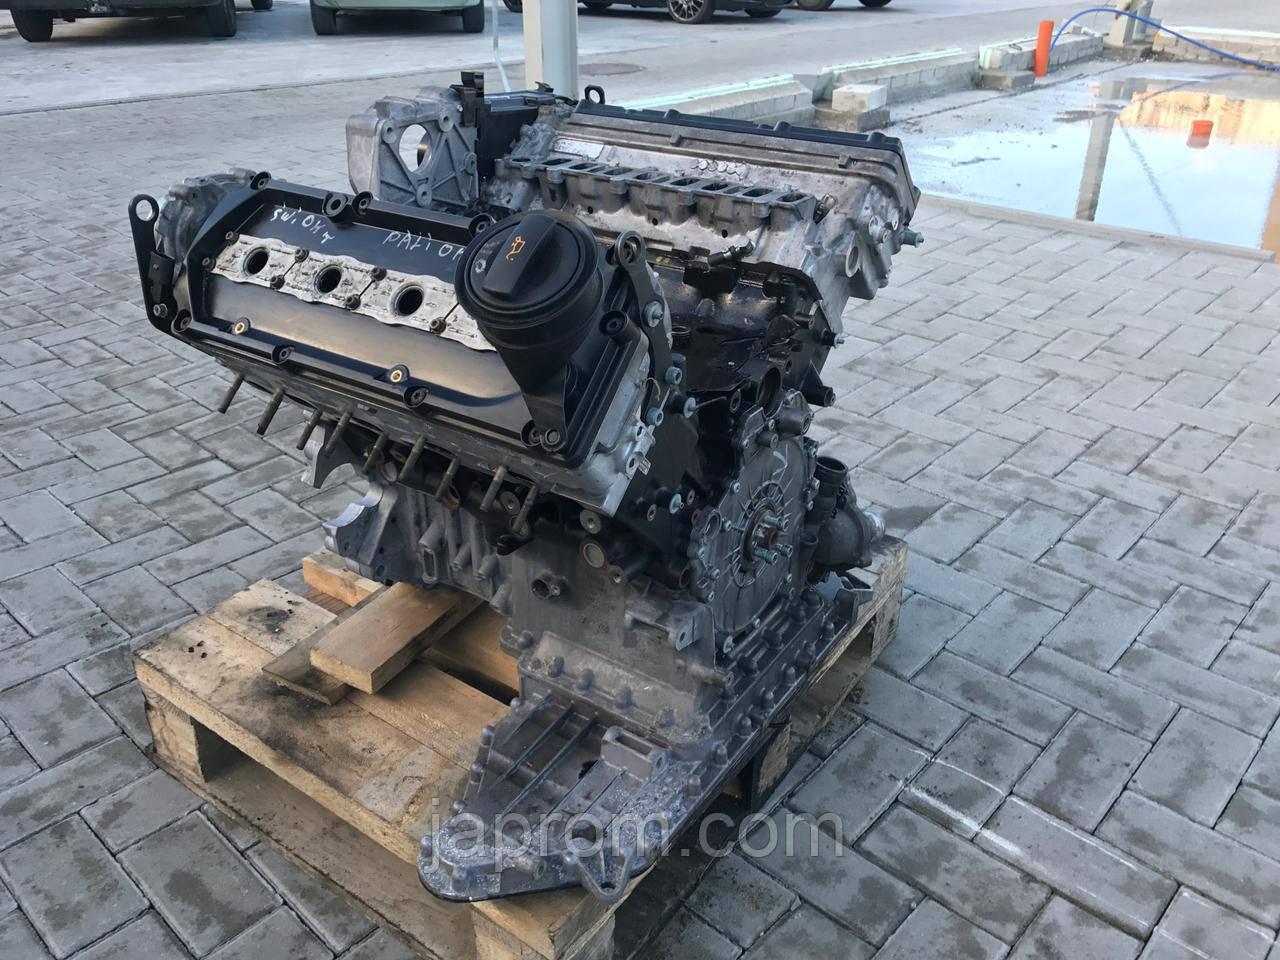 Мотор (Двигатель) AUDI A8 D3 2005 г.в. 4.2 TDI ASE